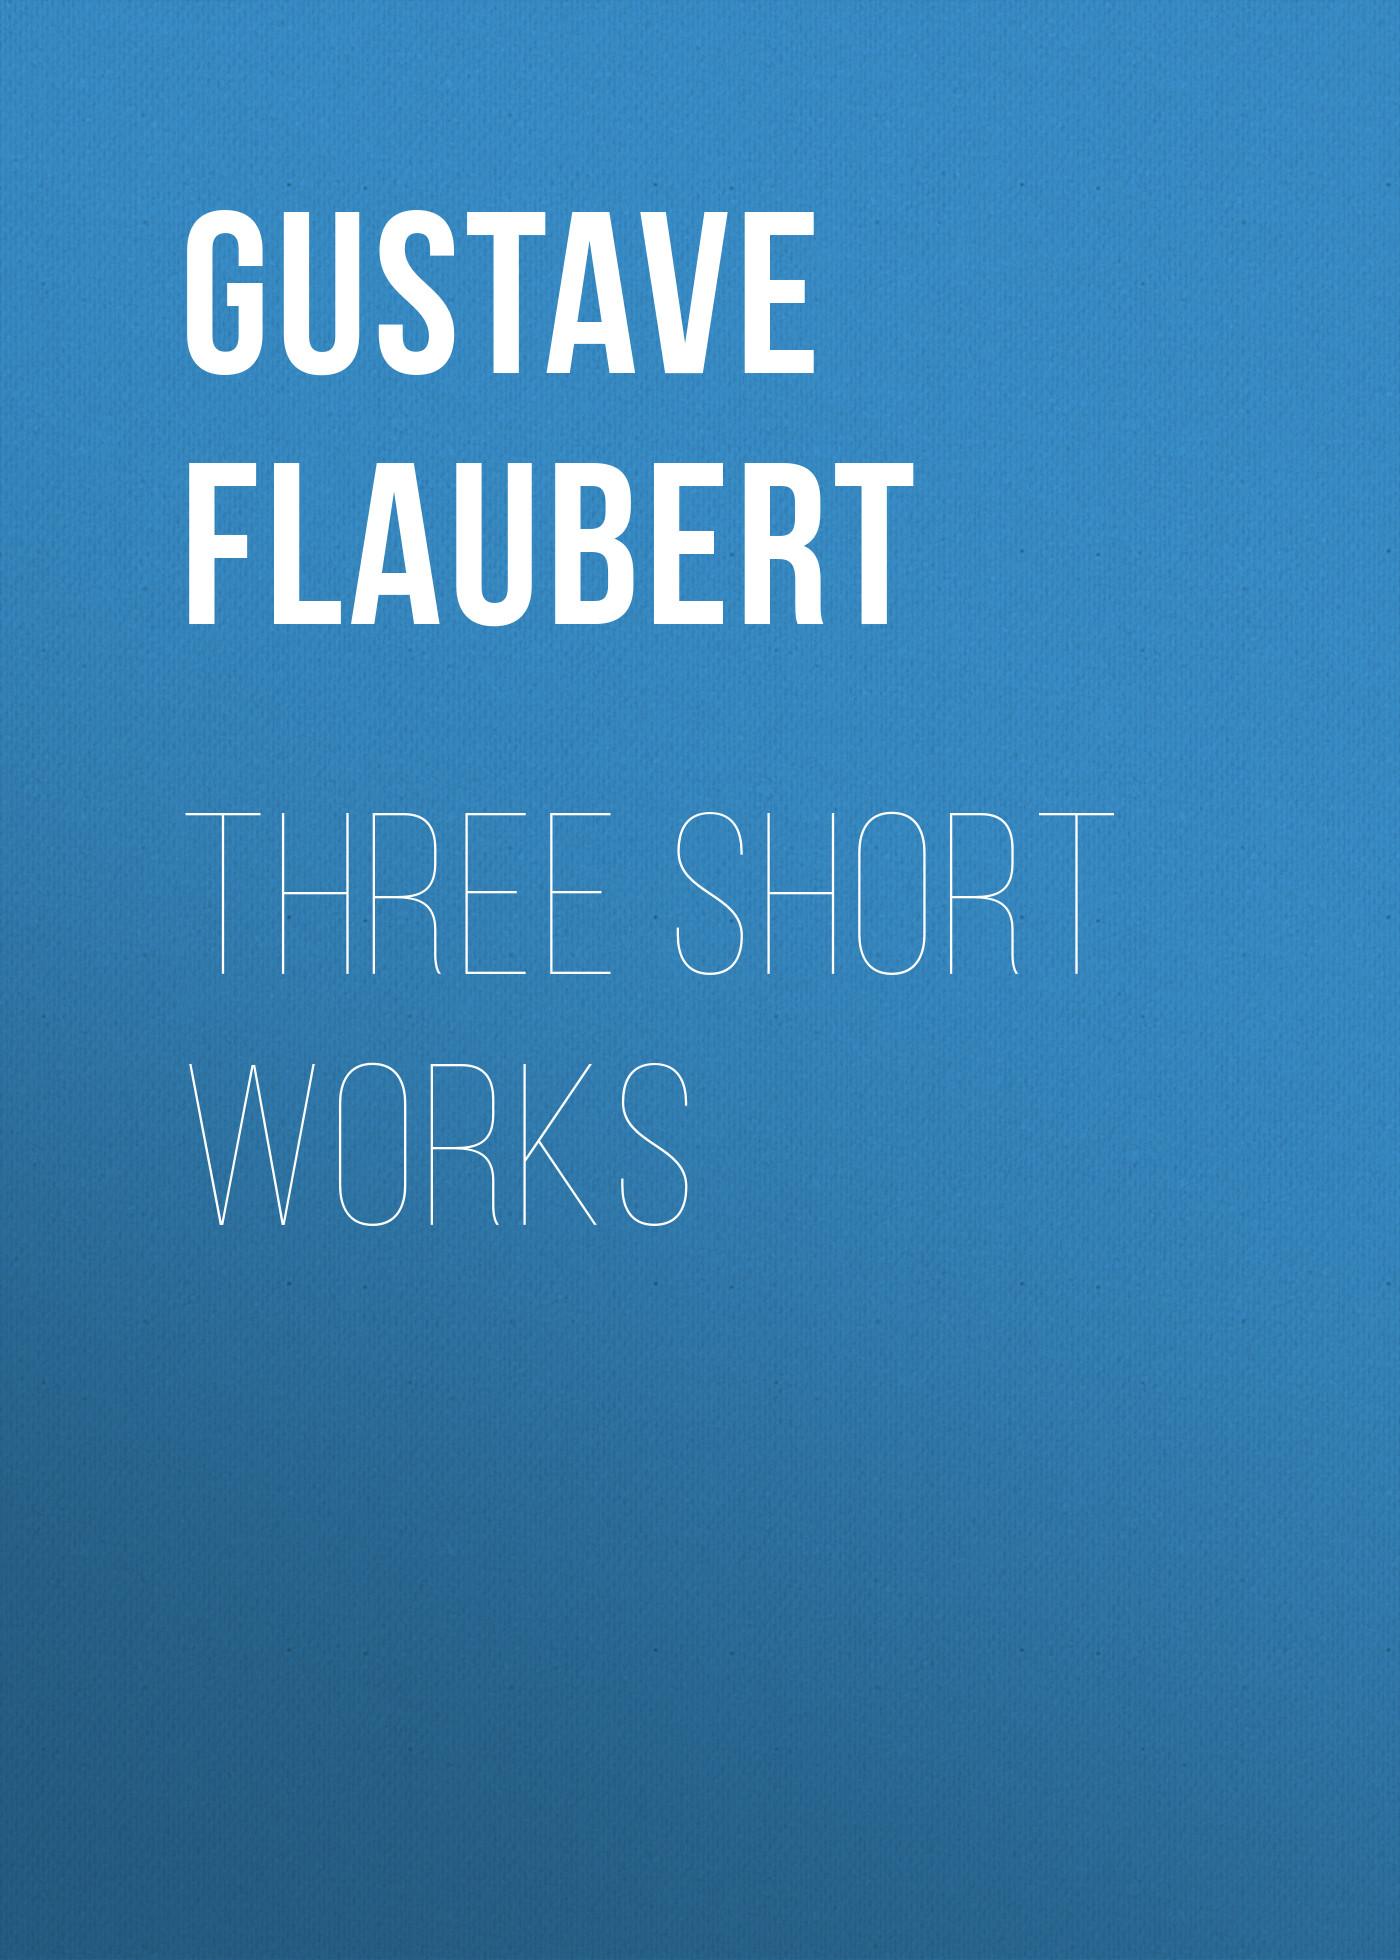 Gustave Flaubert Three short works